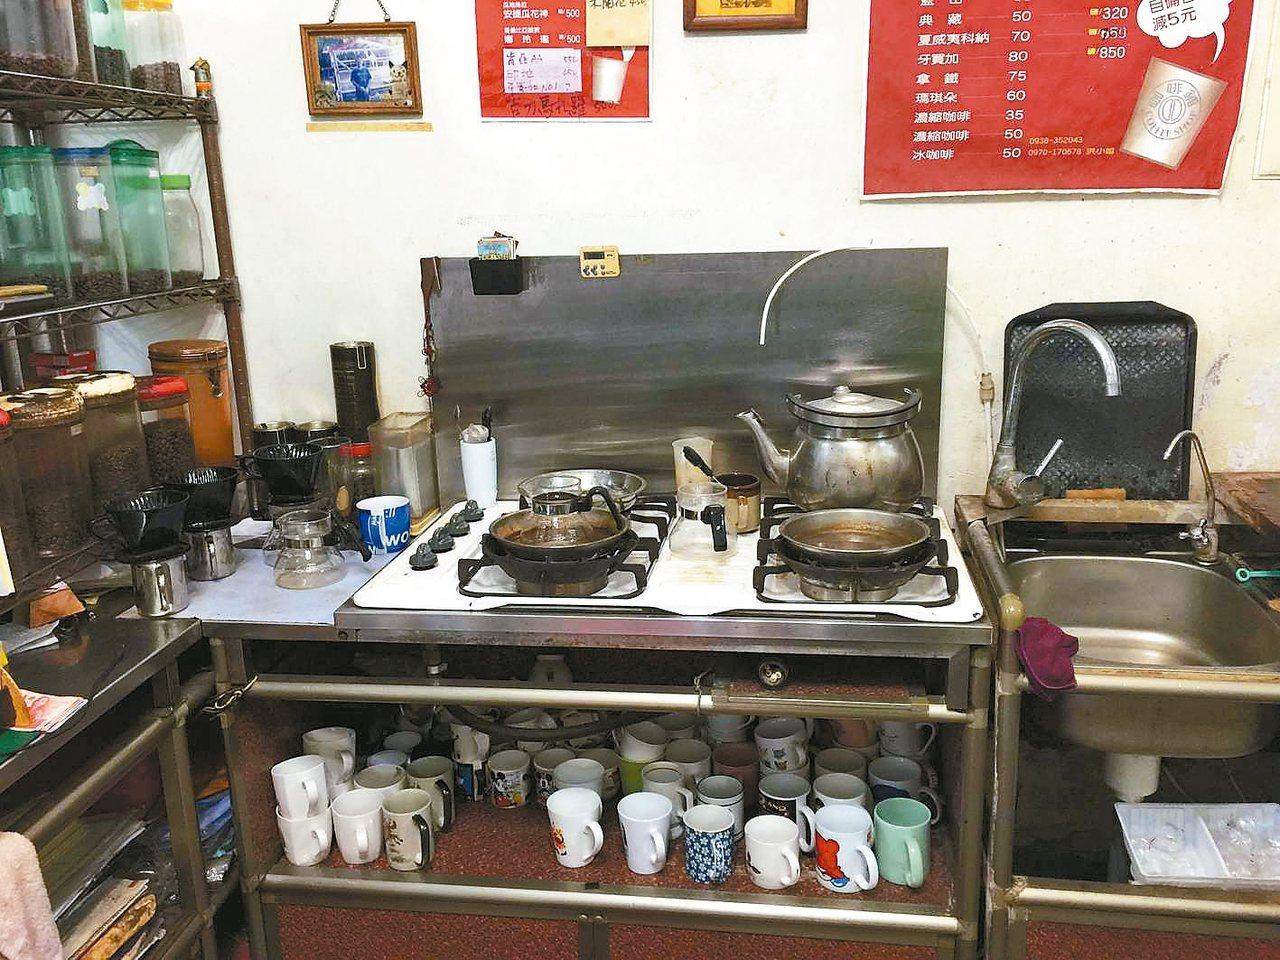 招財咖啡舖獨特的水浴式咖啡沖煮法,美味咖啡就在簡陋的瓦斯爐上面完成。 圖/陳志煌